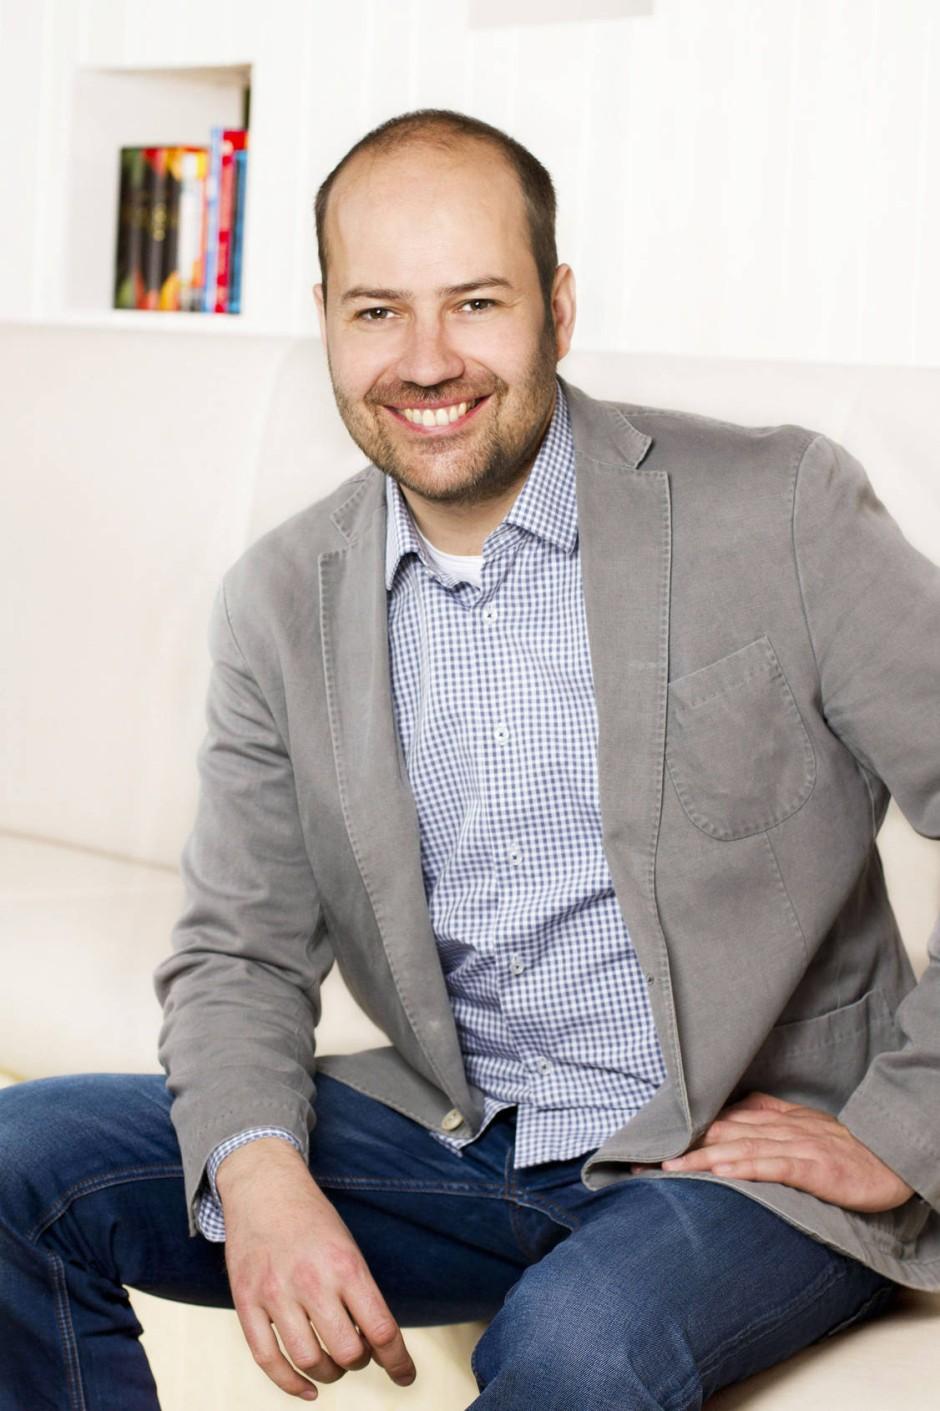 Seit fünf Jahren in der Geschäftsführung der Verlagsgruppe Oetinger: Till Weitendorf